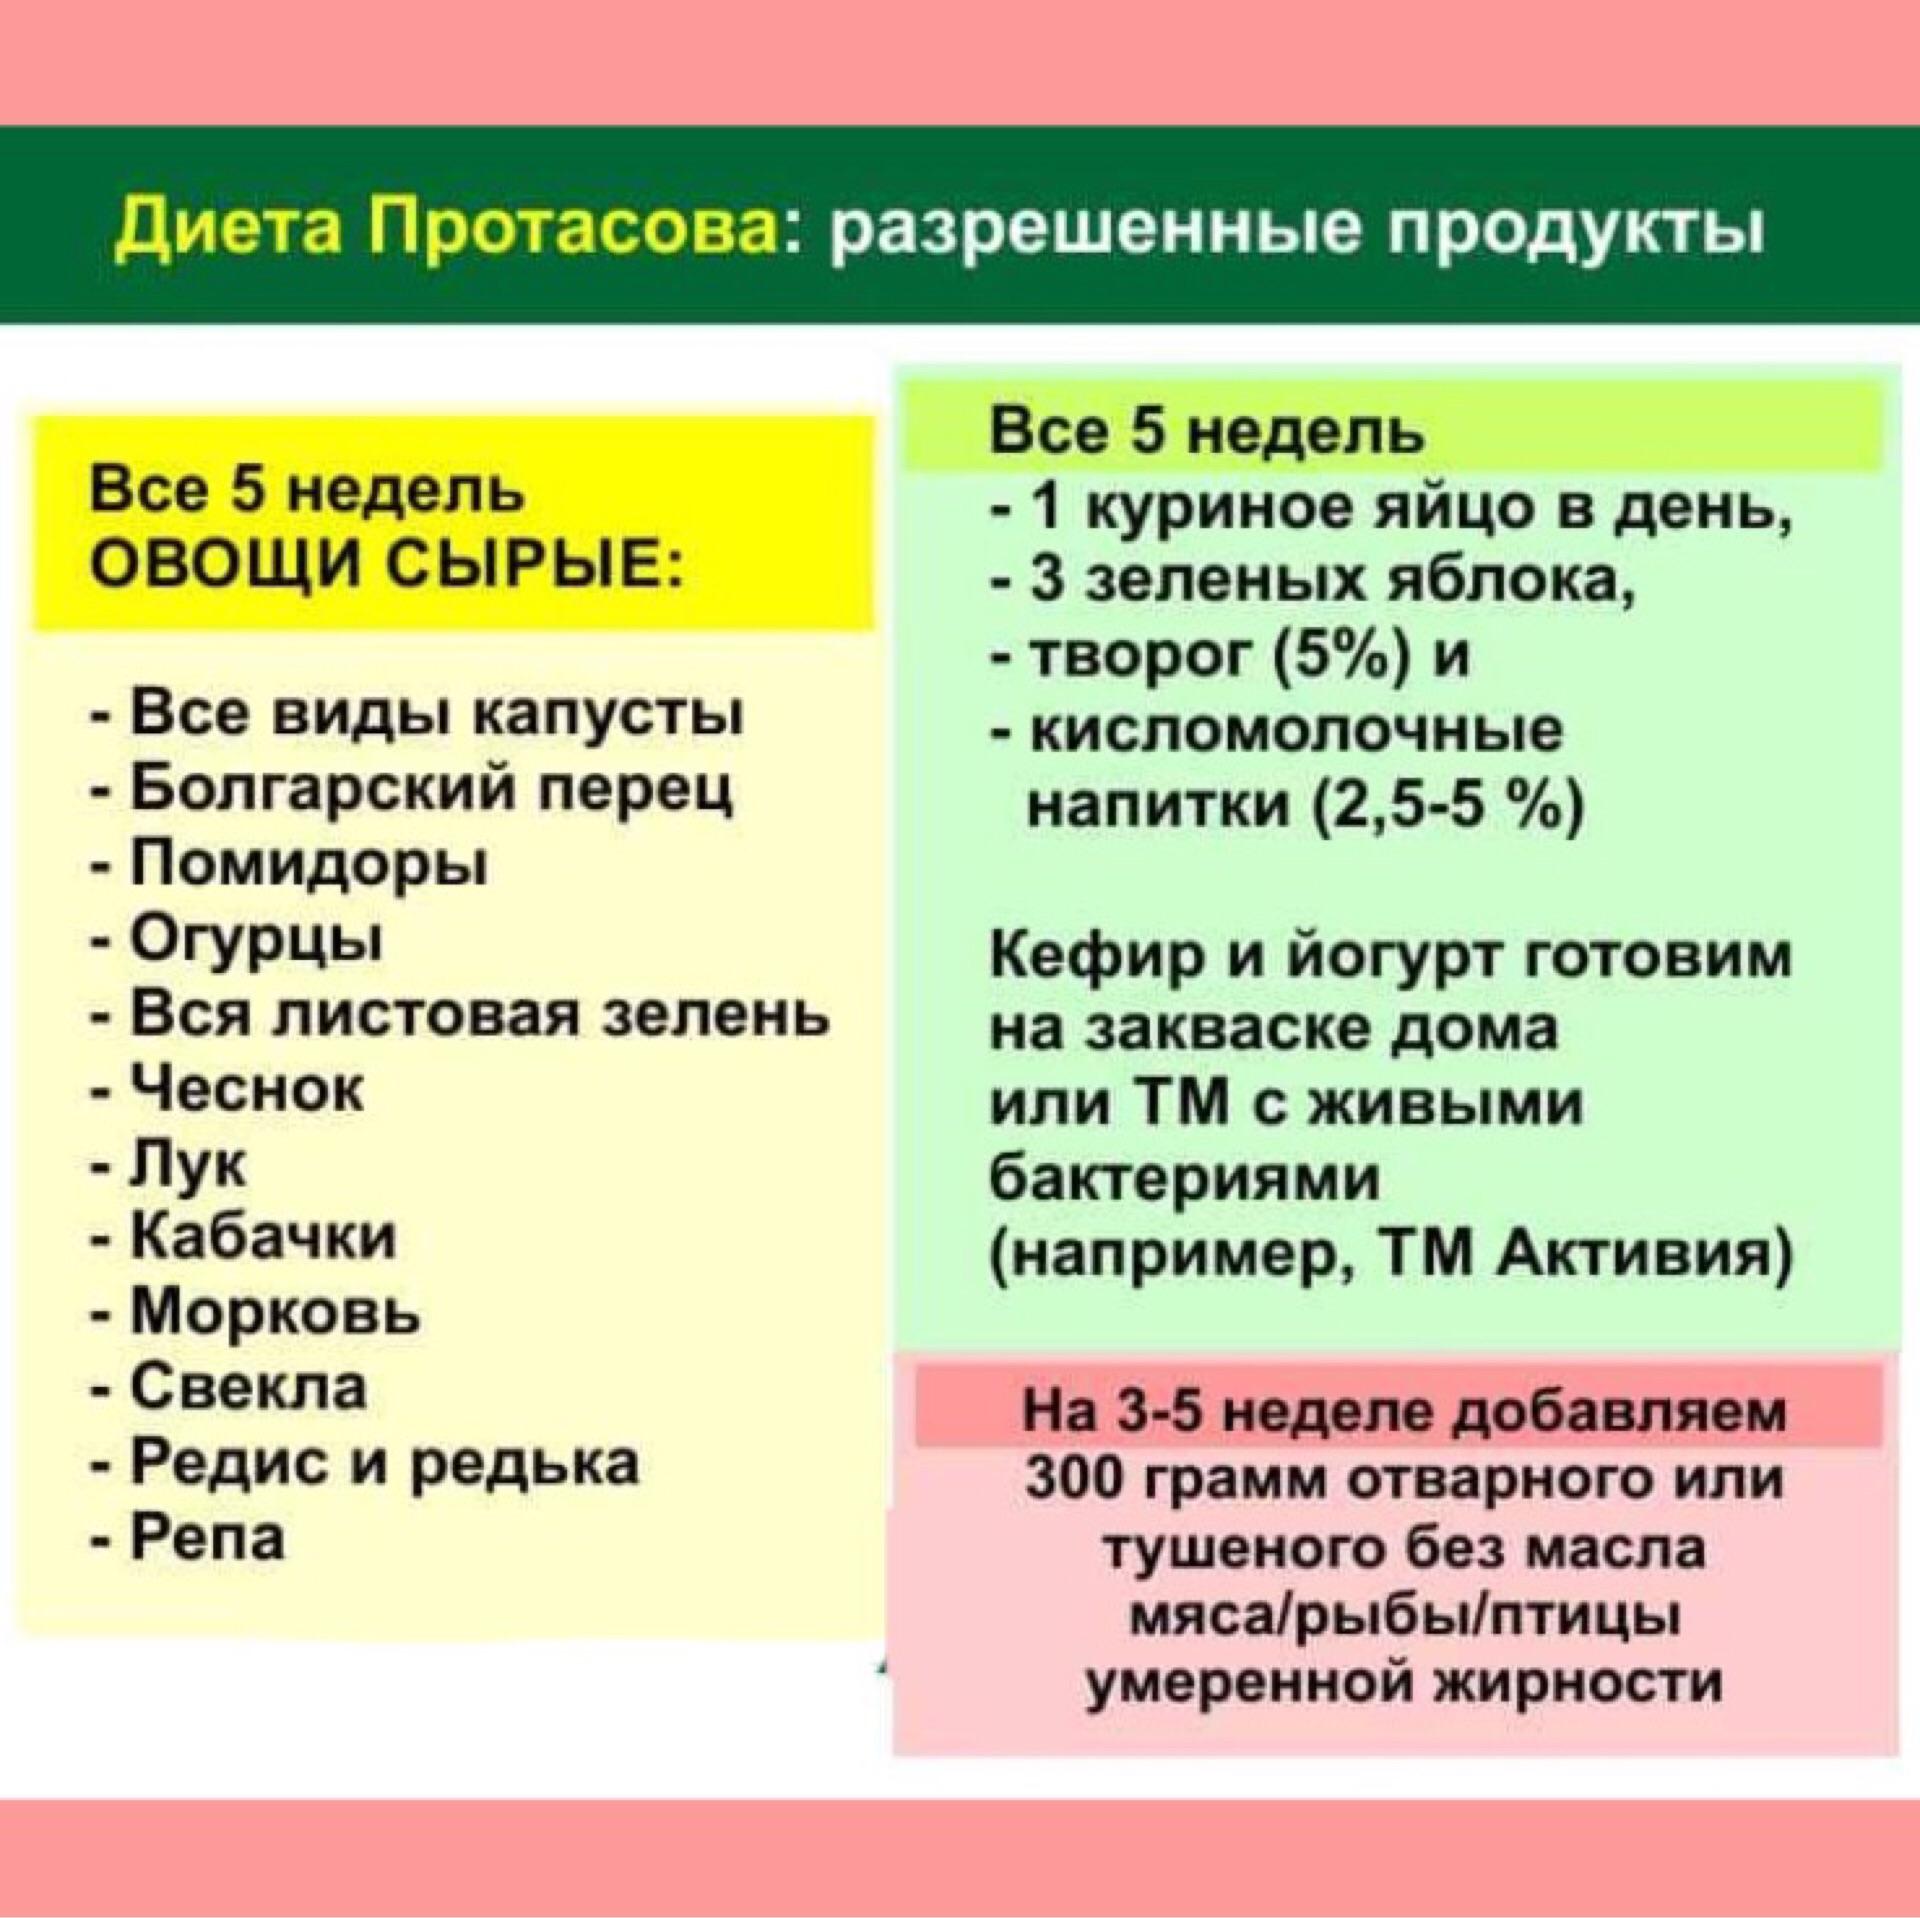 Таблица Диеты Протасова.